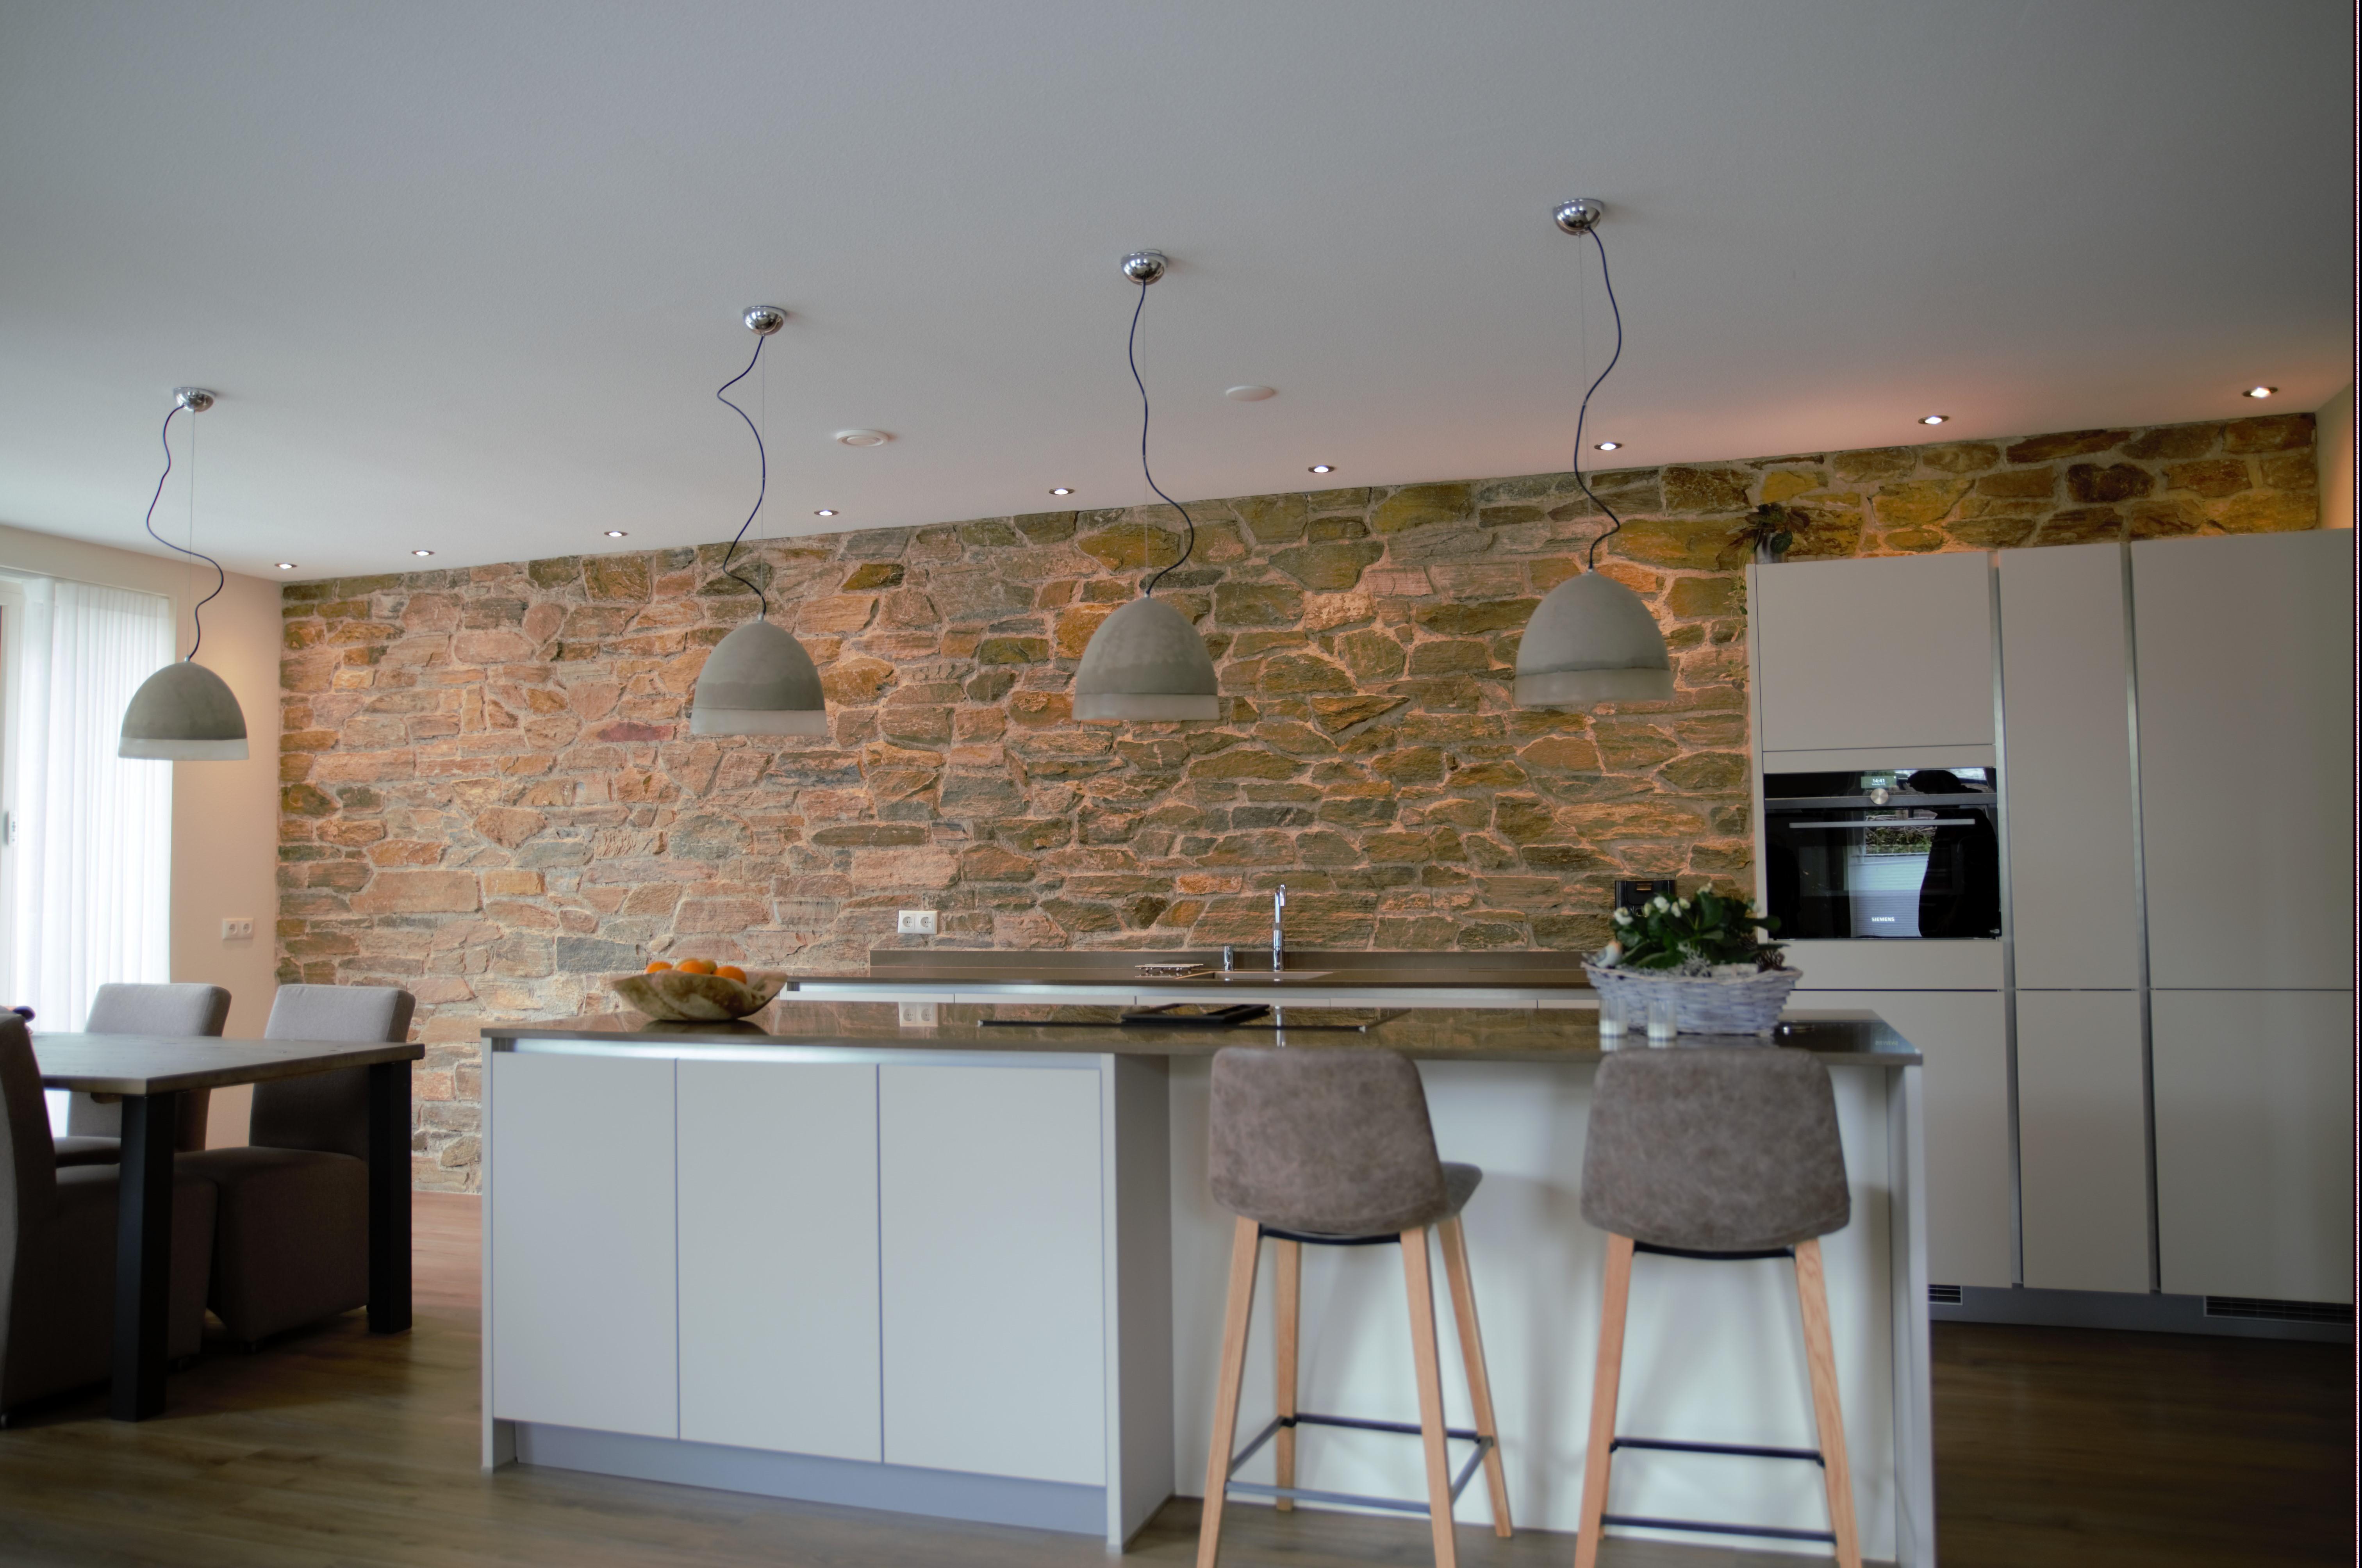 Moderne keuken met rocks op de wand